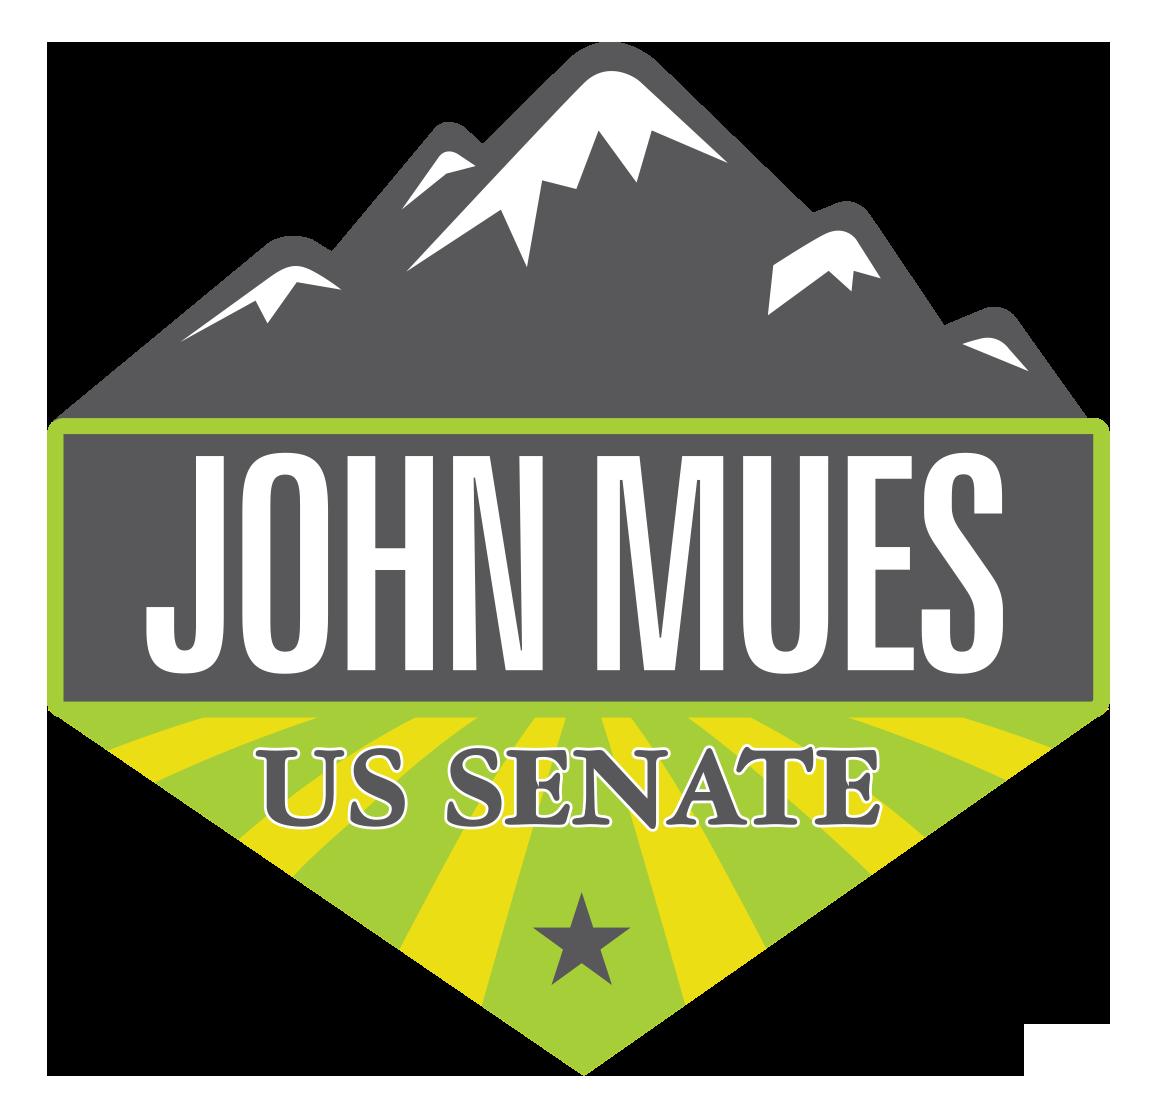 John Mues